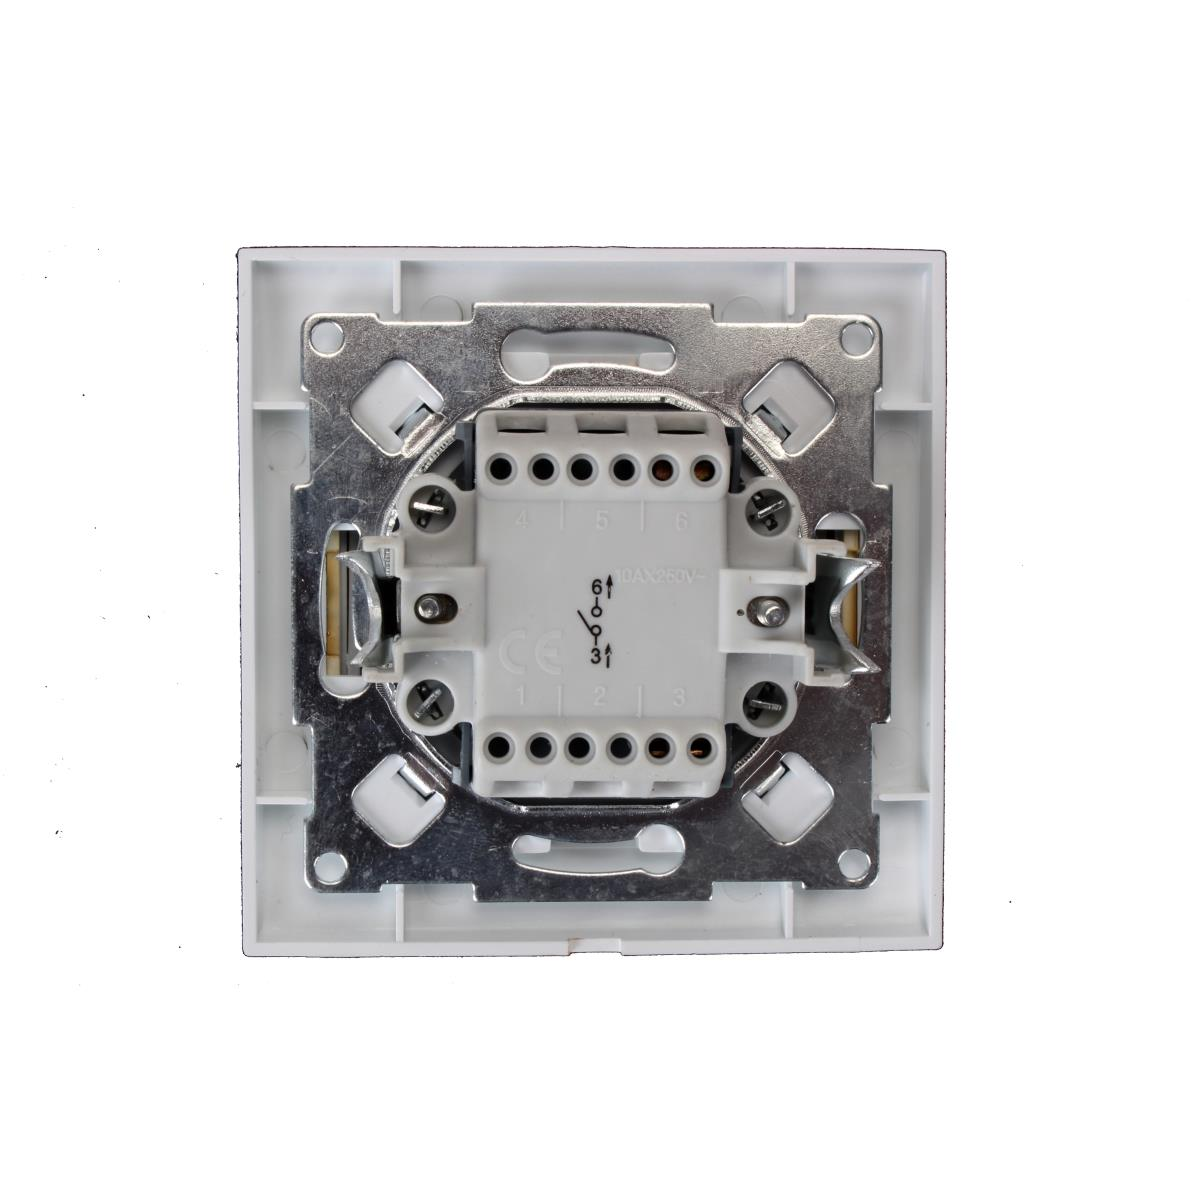 Unterputz Lichtschalter Ausschalter Farbe weiß/gold 10 A, 230 V,OKKO,9209-01-G, 4772013048510